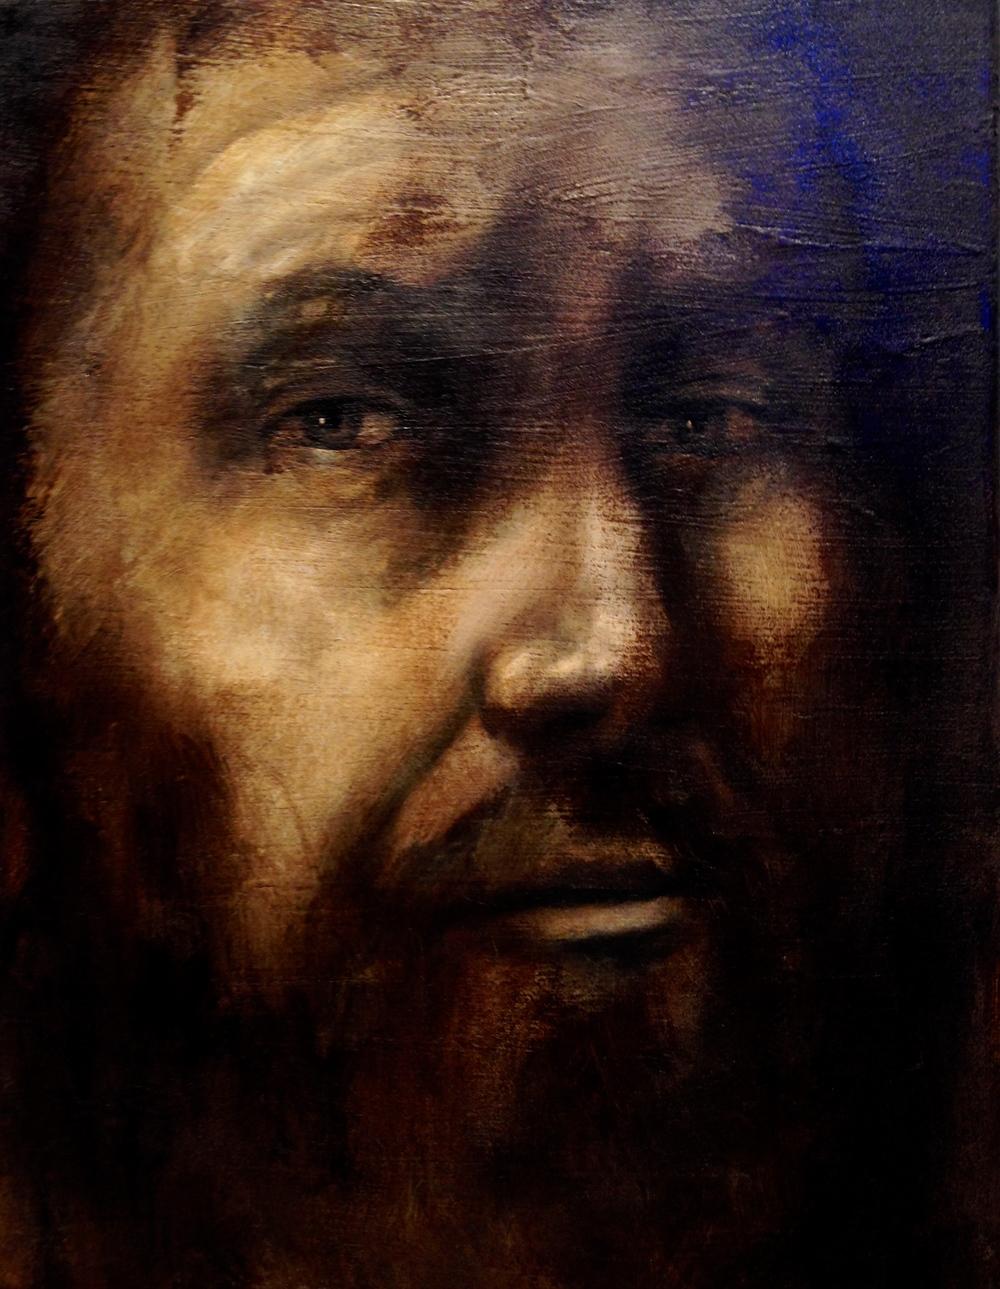 The Savant,2016   Acrylic, oil, texture medium on canvas